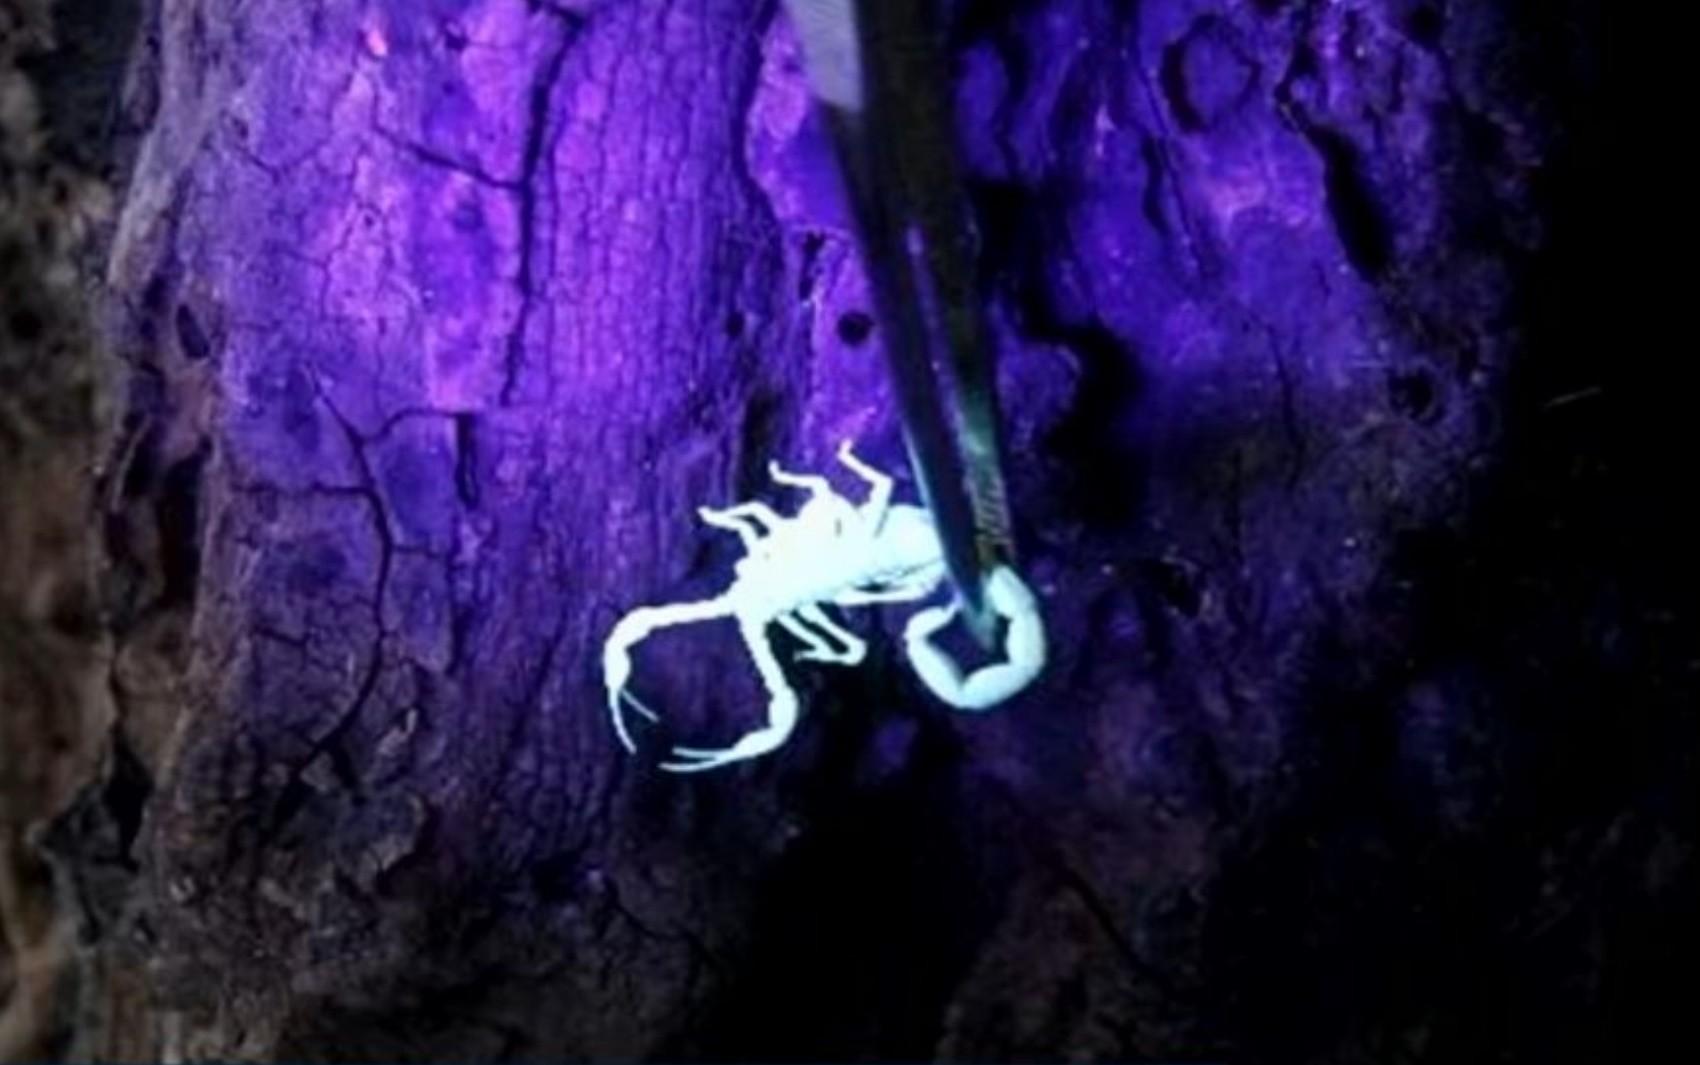 Prefeitura de Goiânia testa aparelho que deixa escorpião 'brilhando' para facilitar captura